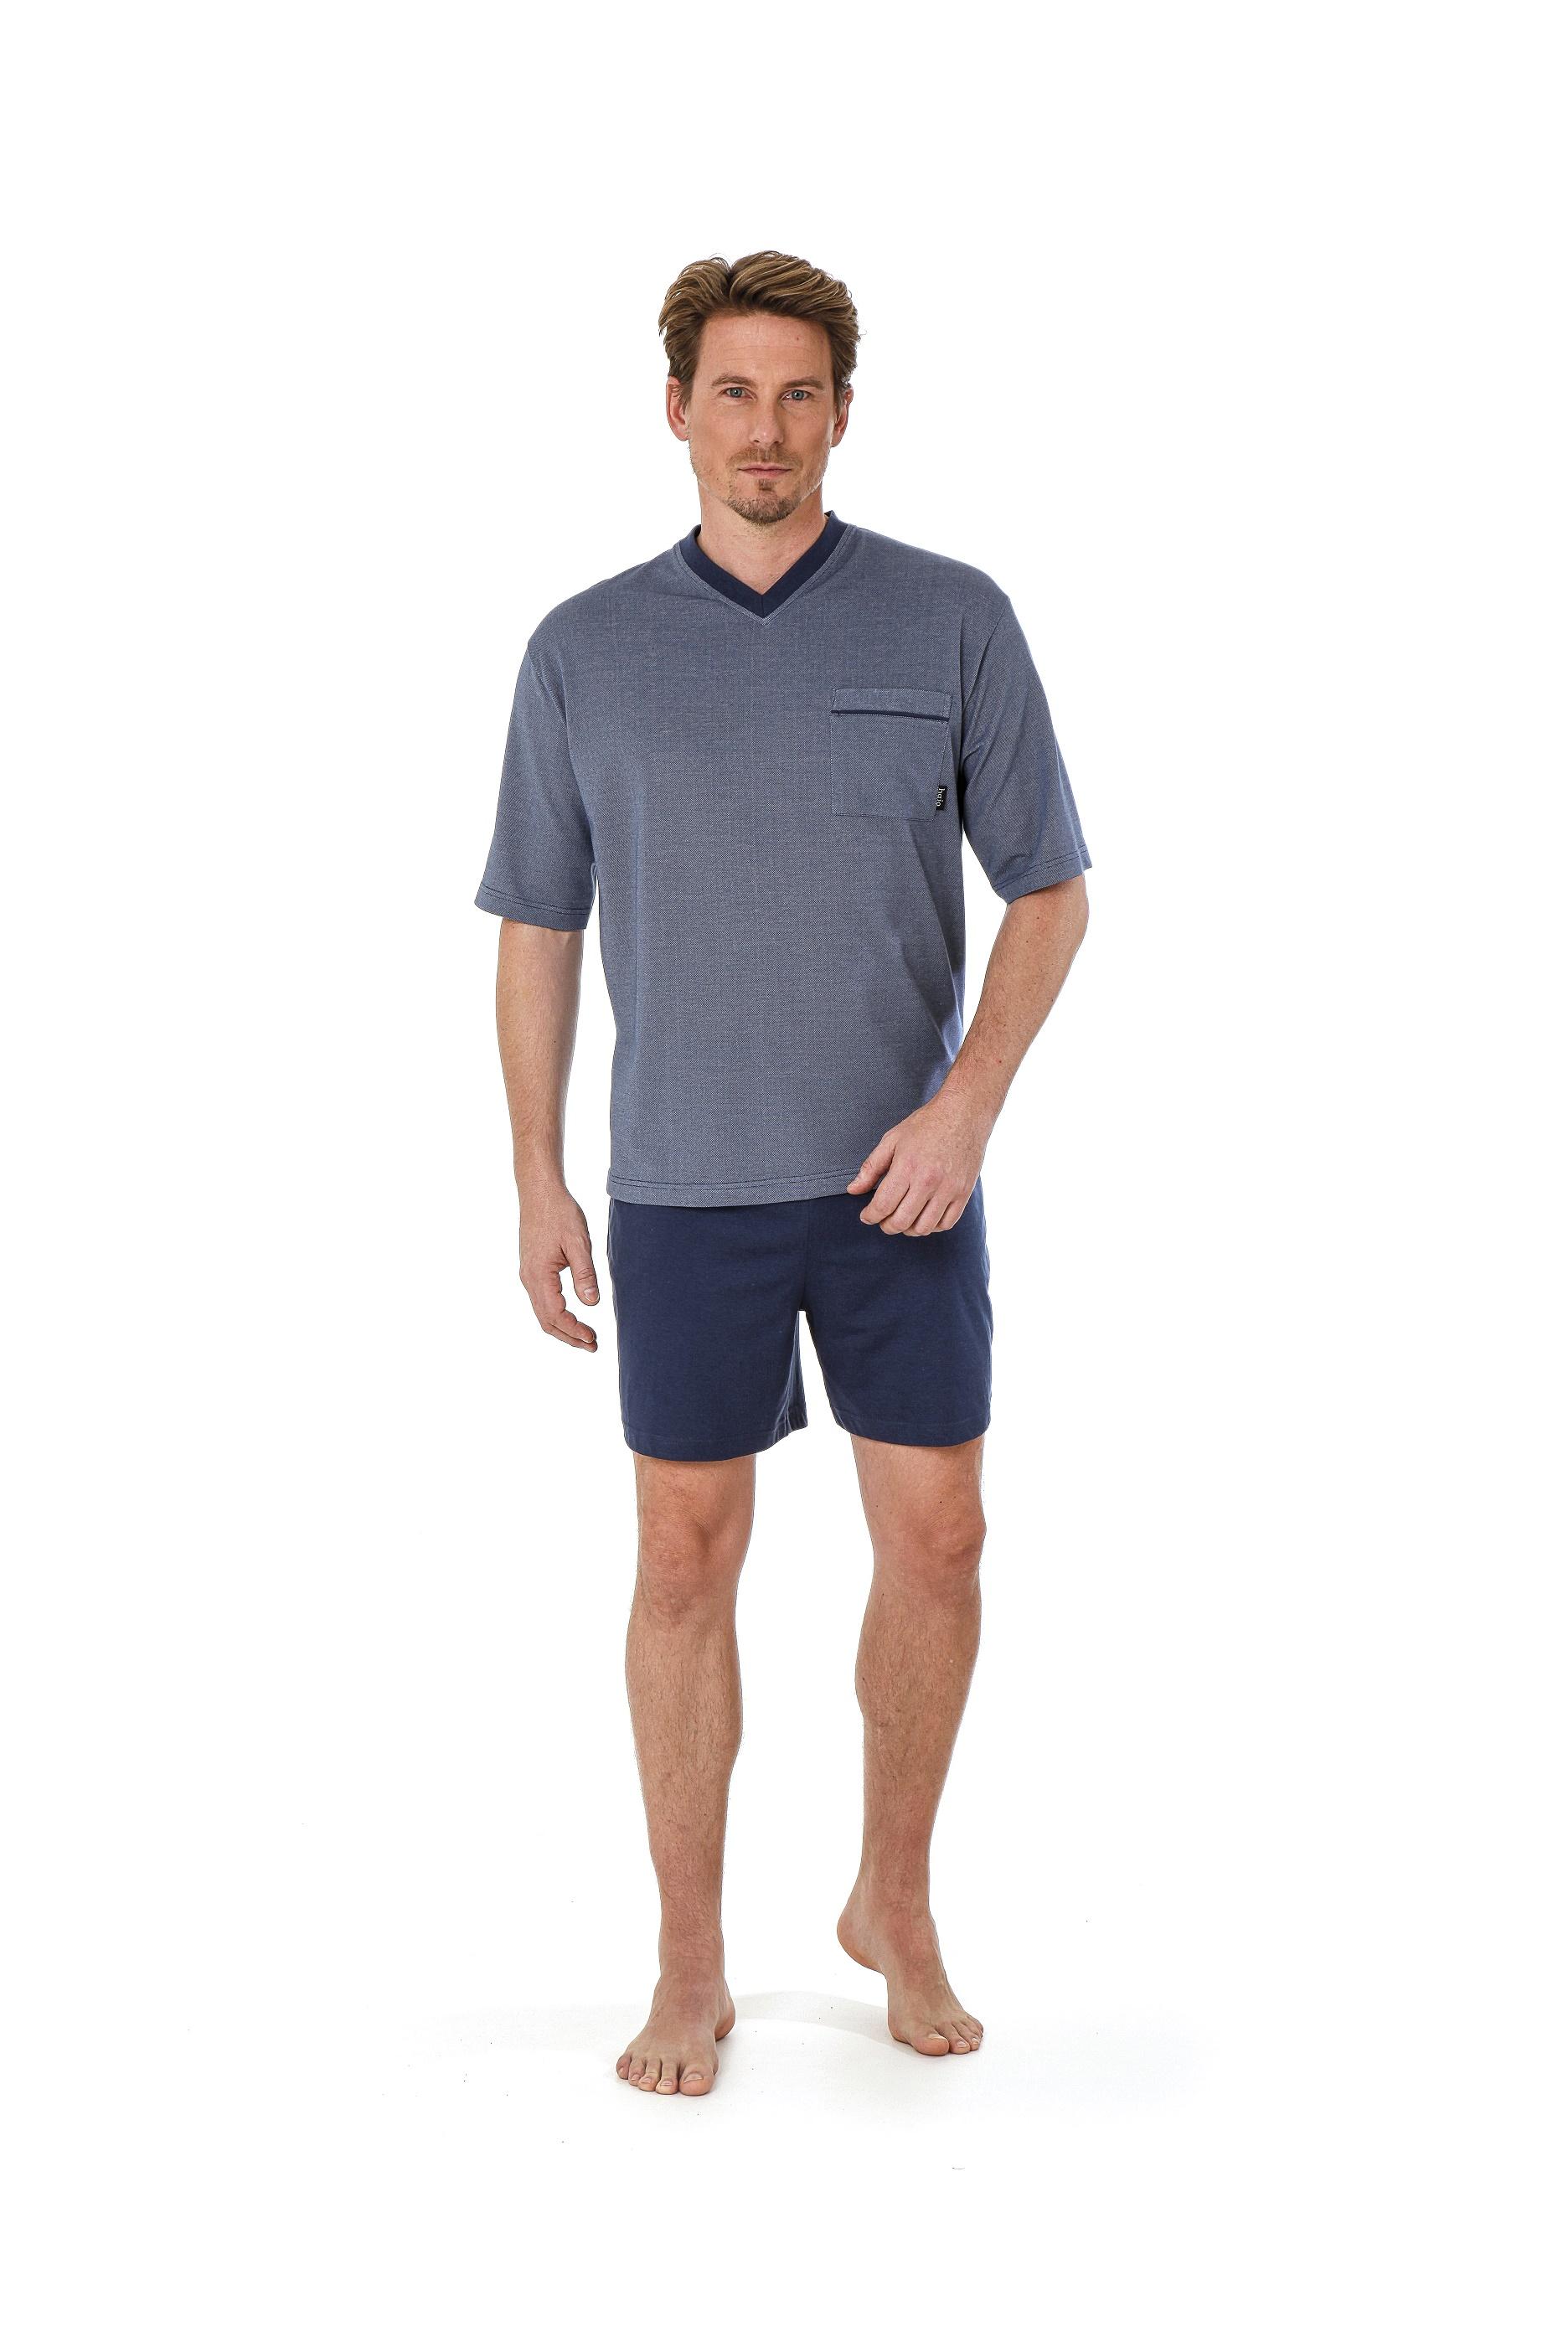 4acb0b45c6 Betz 2 teiliger Herren Shorty Schlafanzug Pyjama kurz Farbe: denim blau  Größen: 48-56